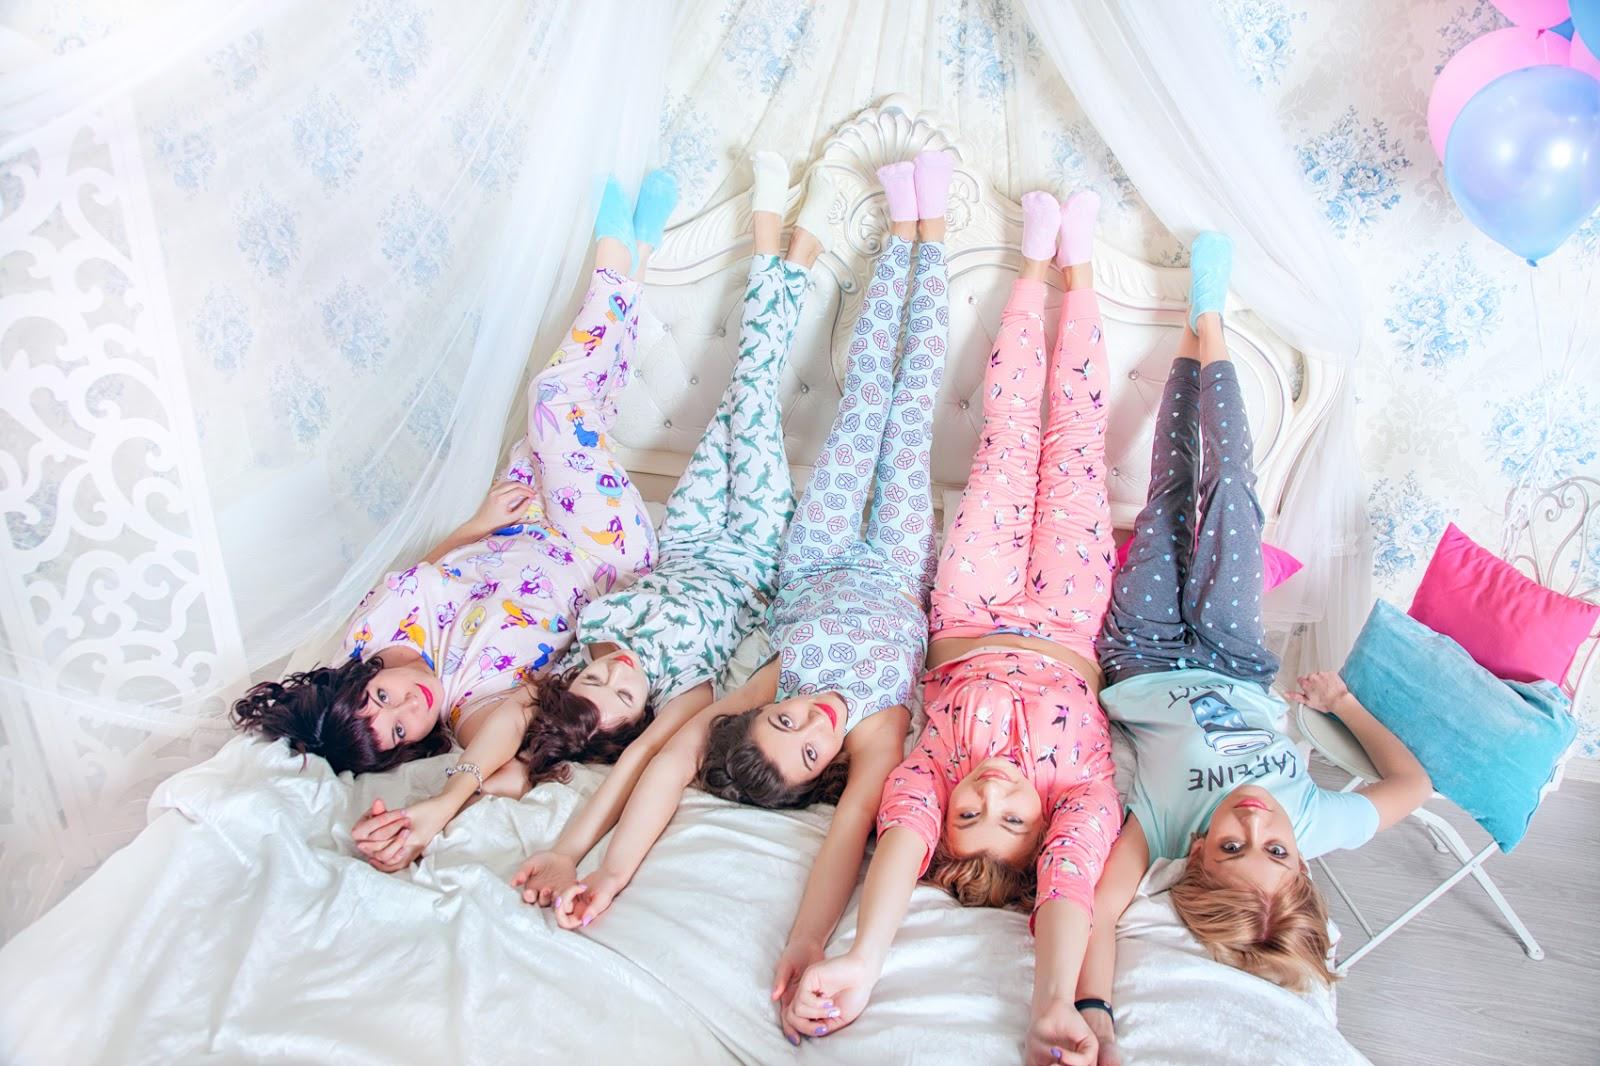 рыжая дама в чем идти на пижамную вечеринку фото конструктивная схема коу